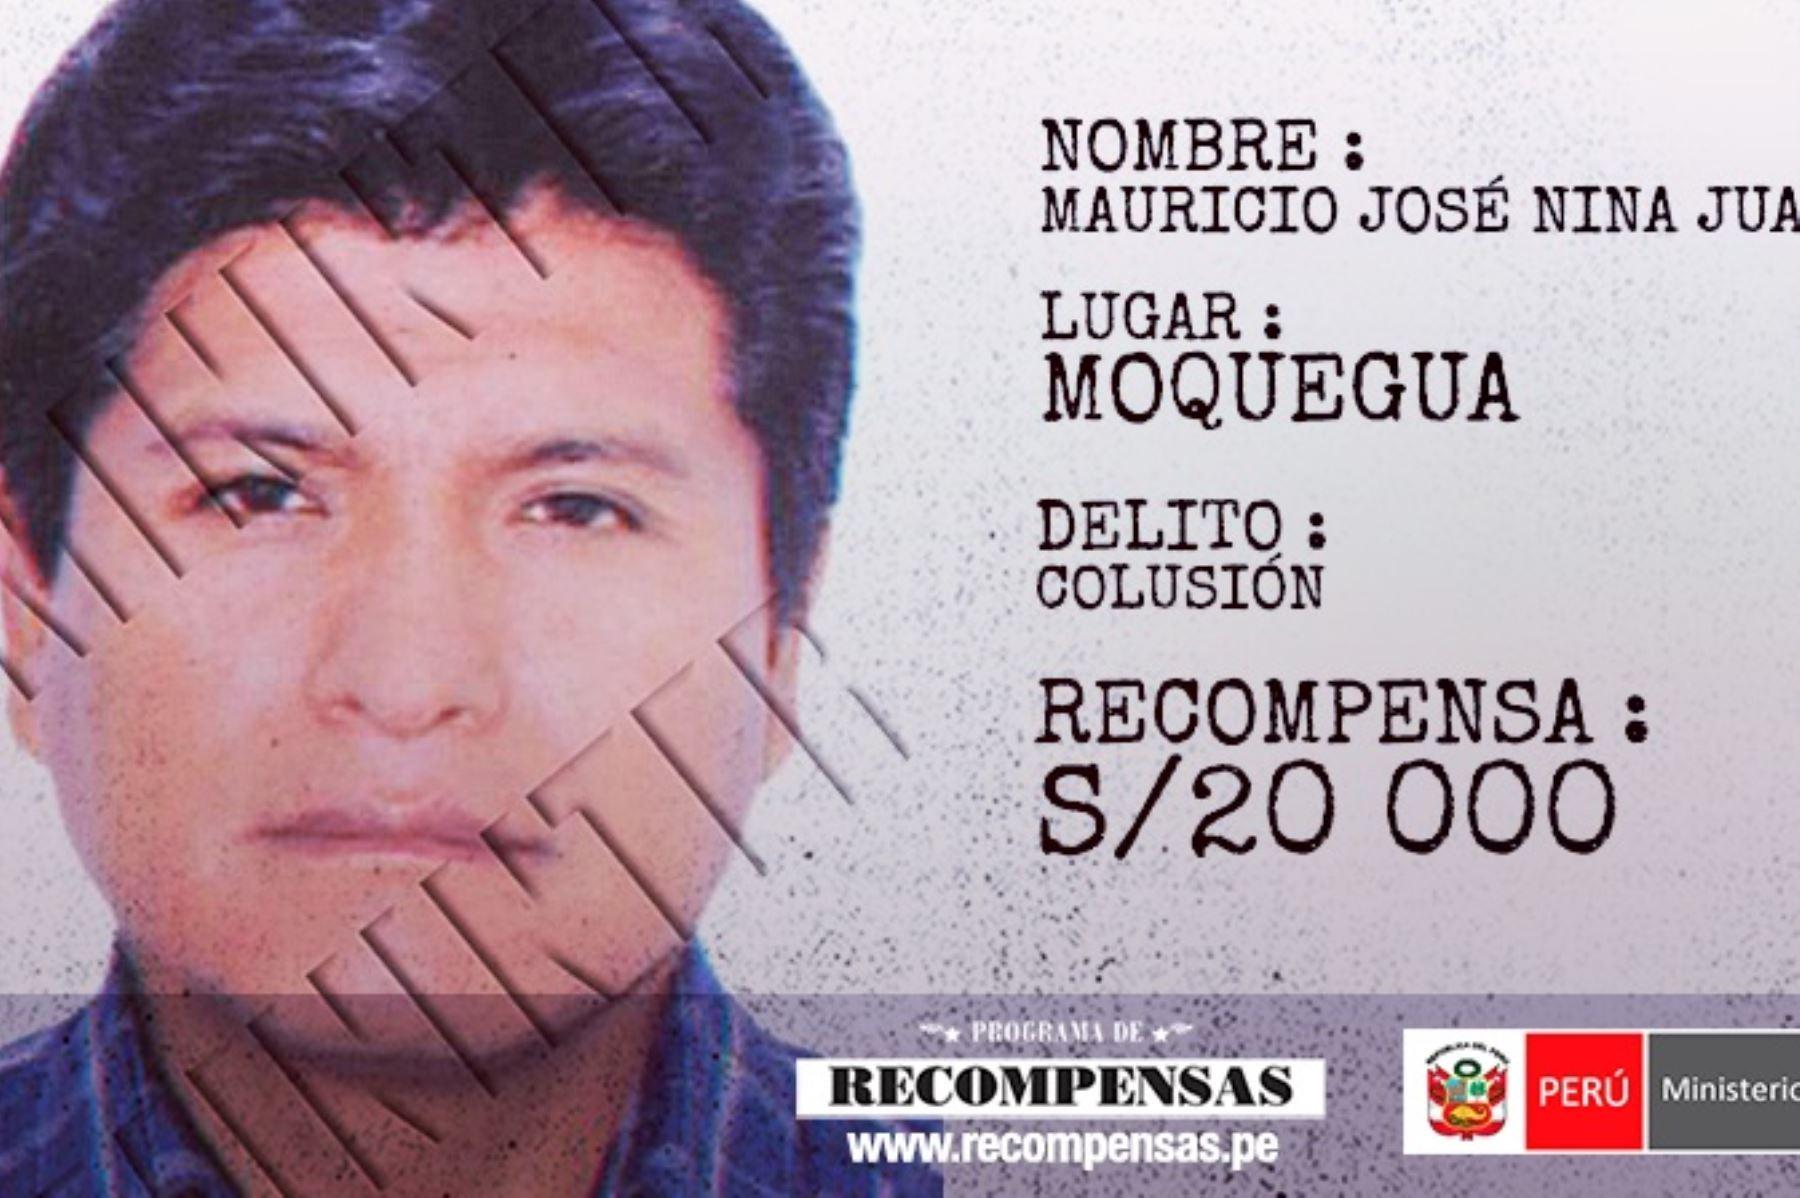 Ex alcalde provincial de General Sánchez Cerro, Mauricio José Nina Juárez, requisitoriado por colusión.